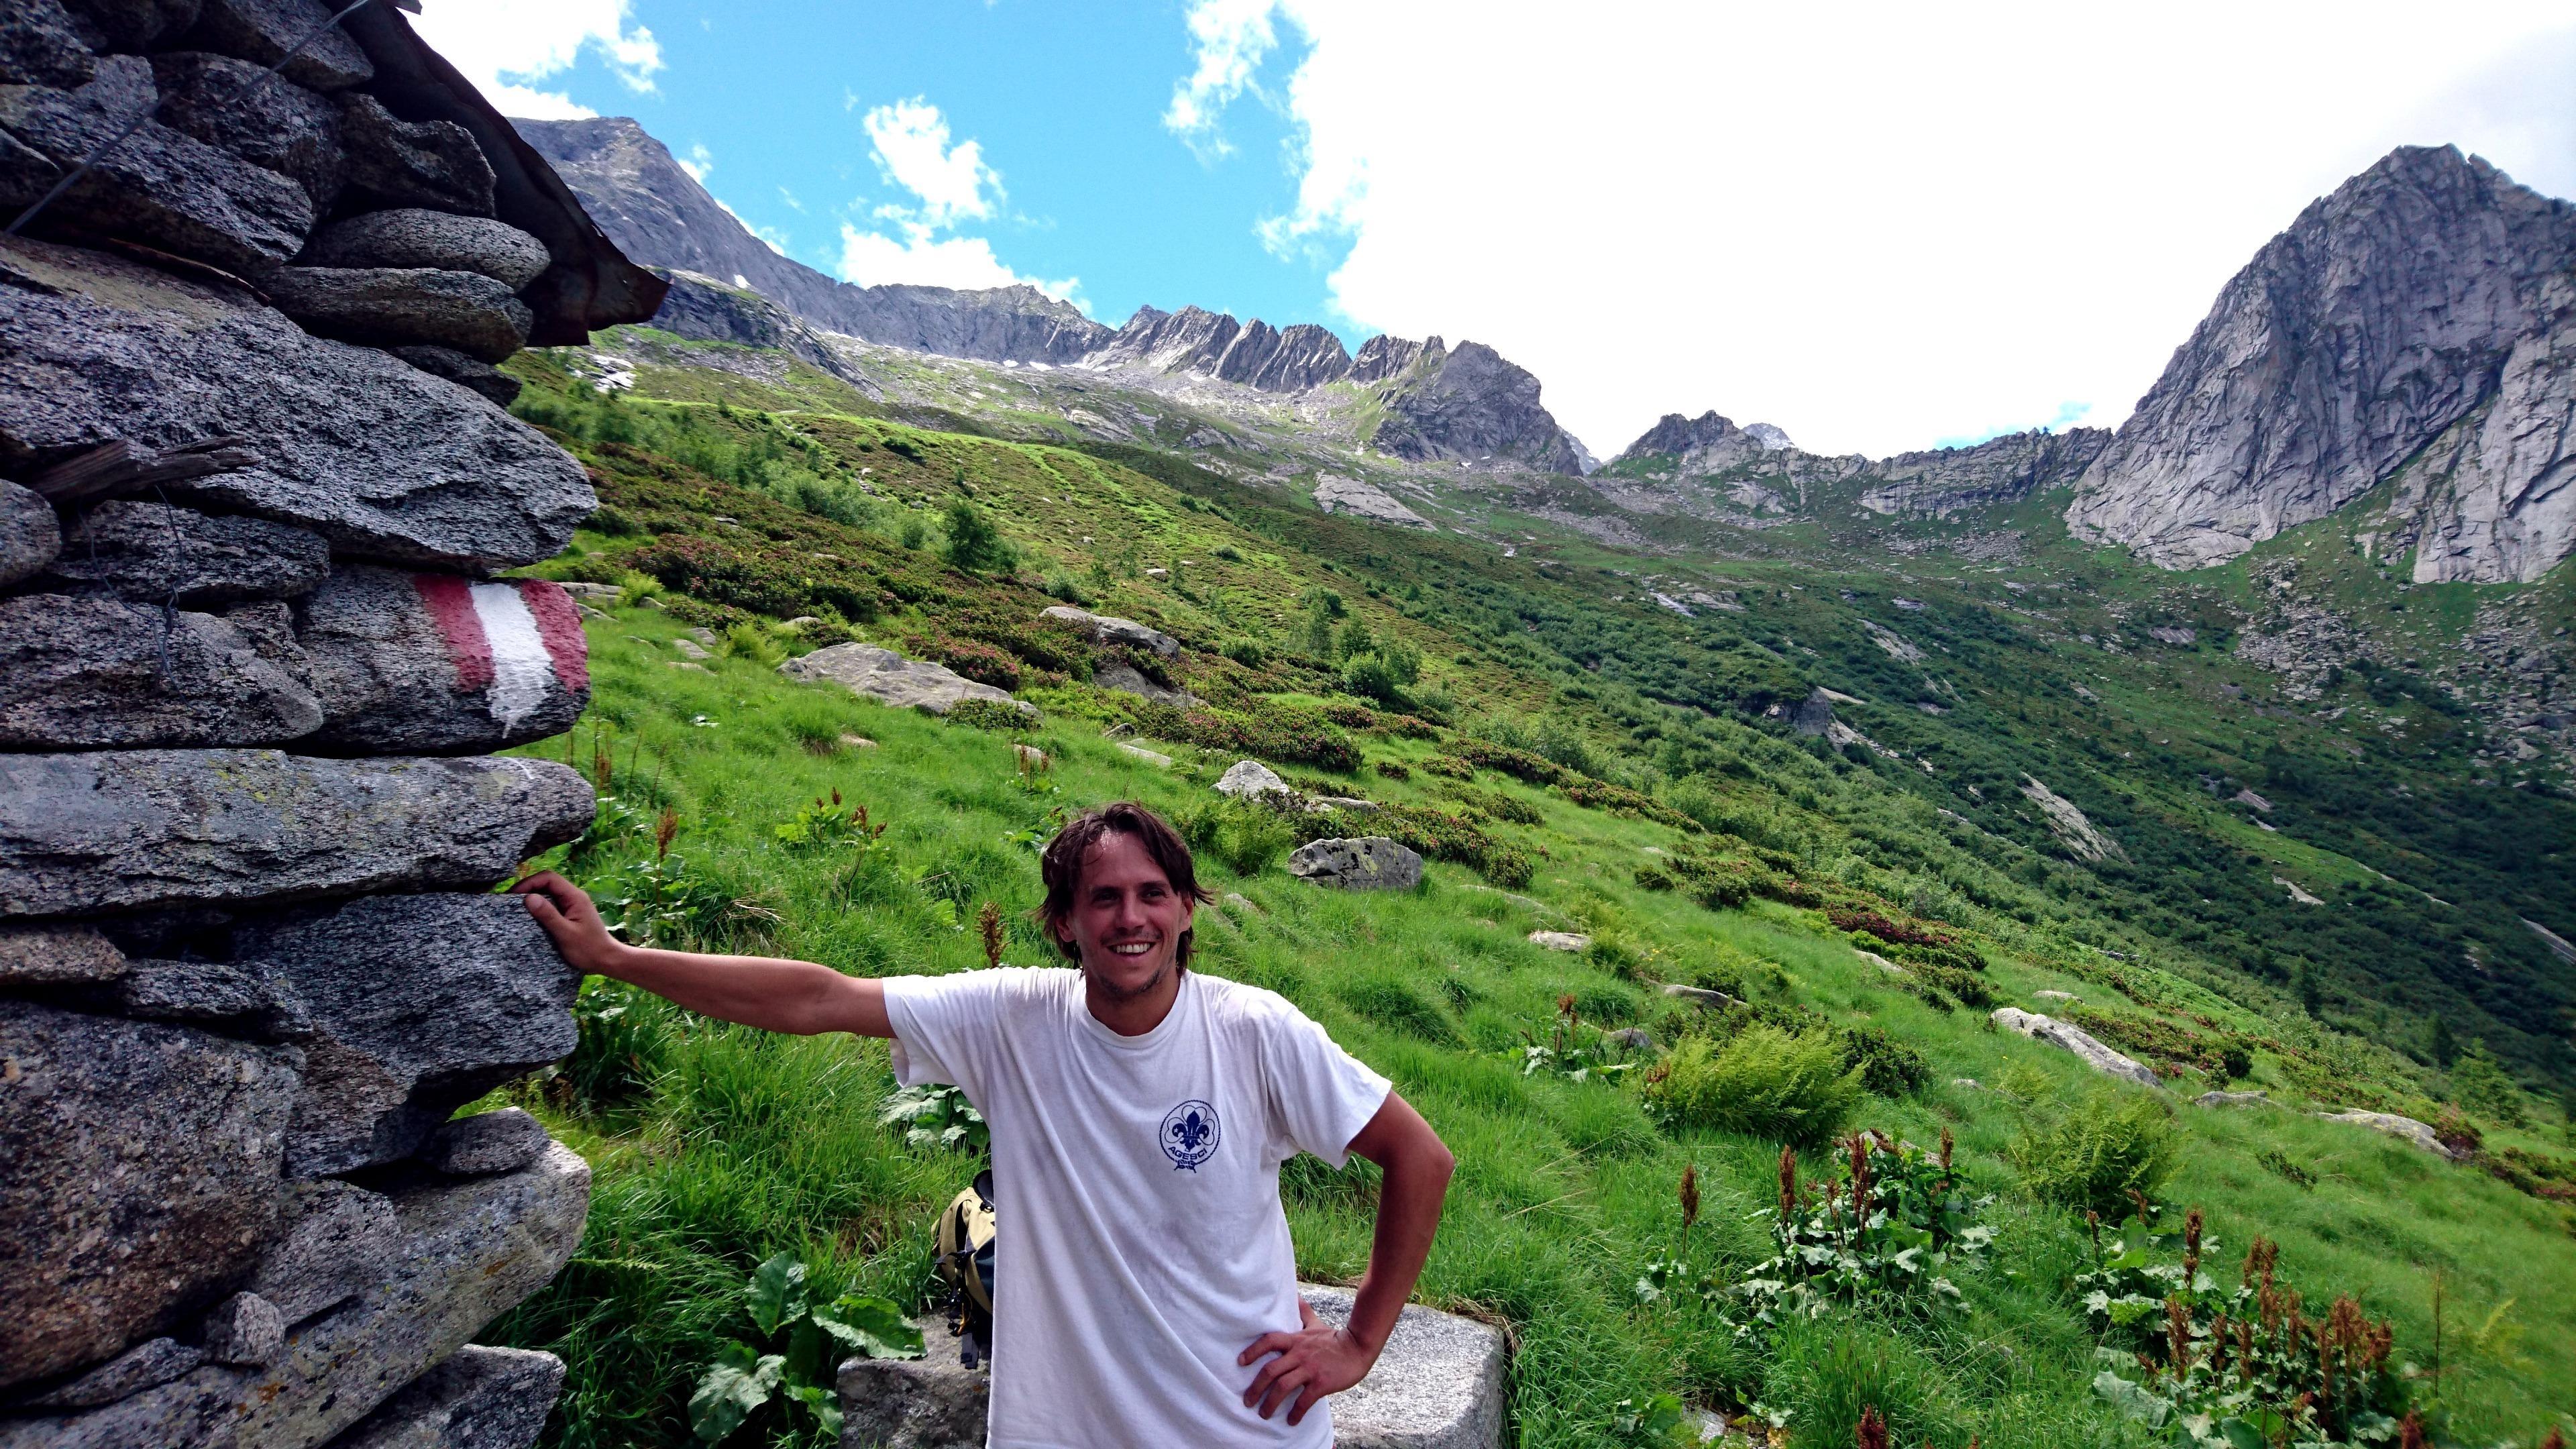 Gab soddisfatto ma bello sudato alla prima casetta dell'alpe Merdarola